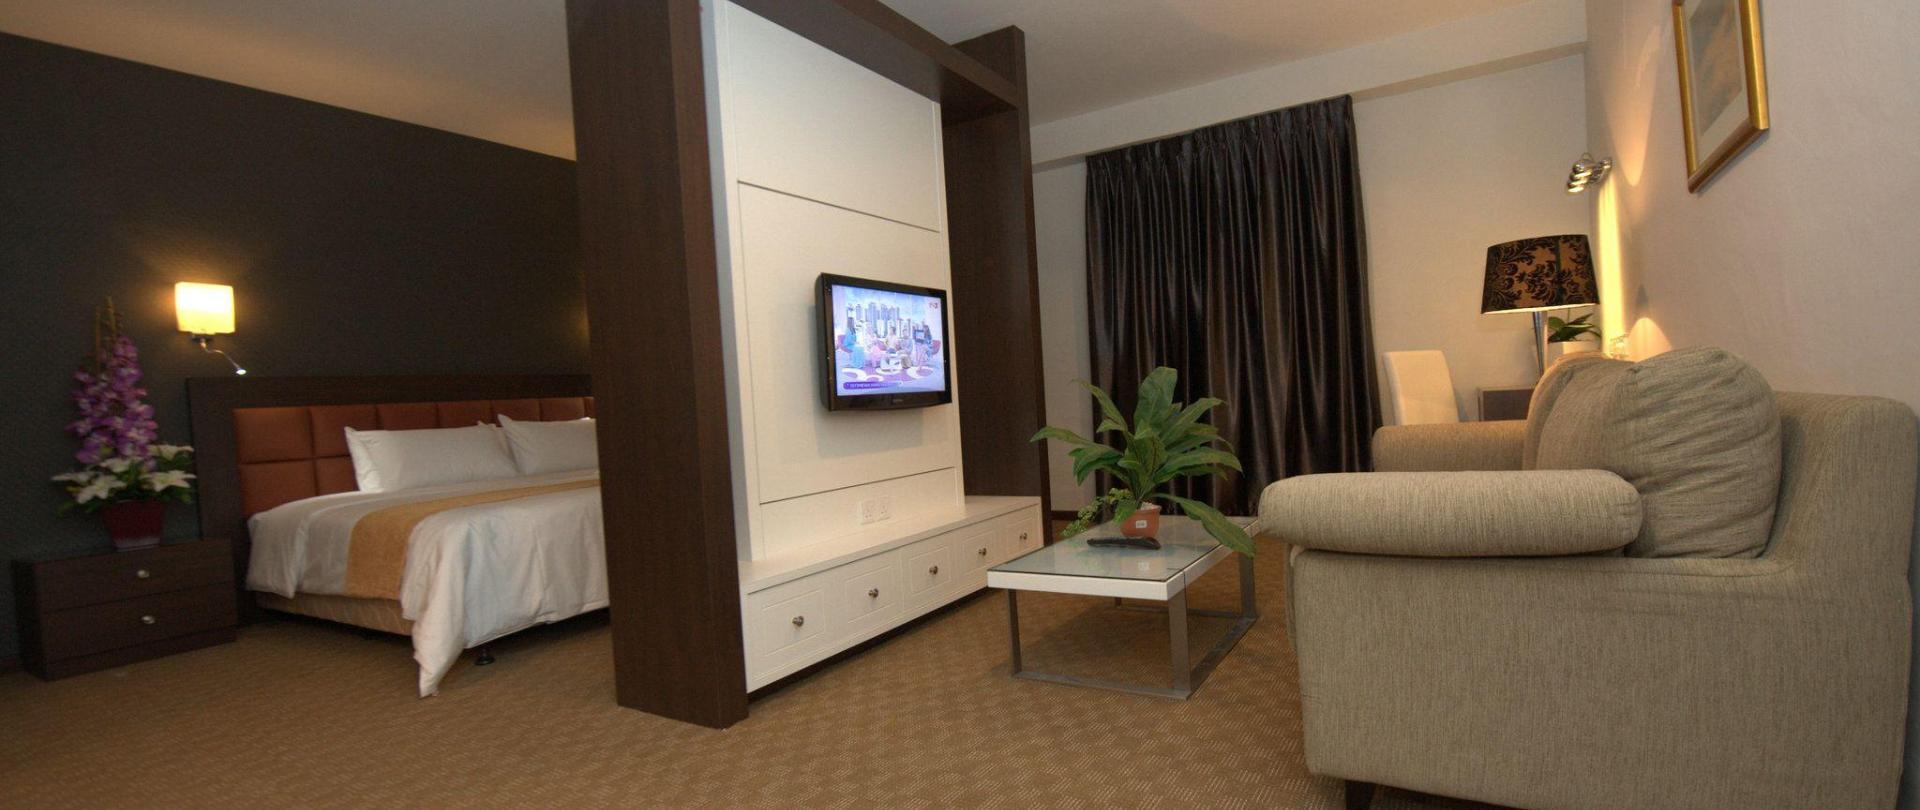 3d_suite-room_3.jpg